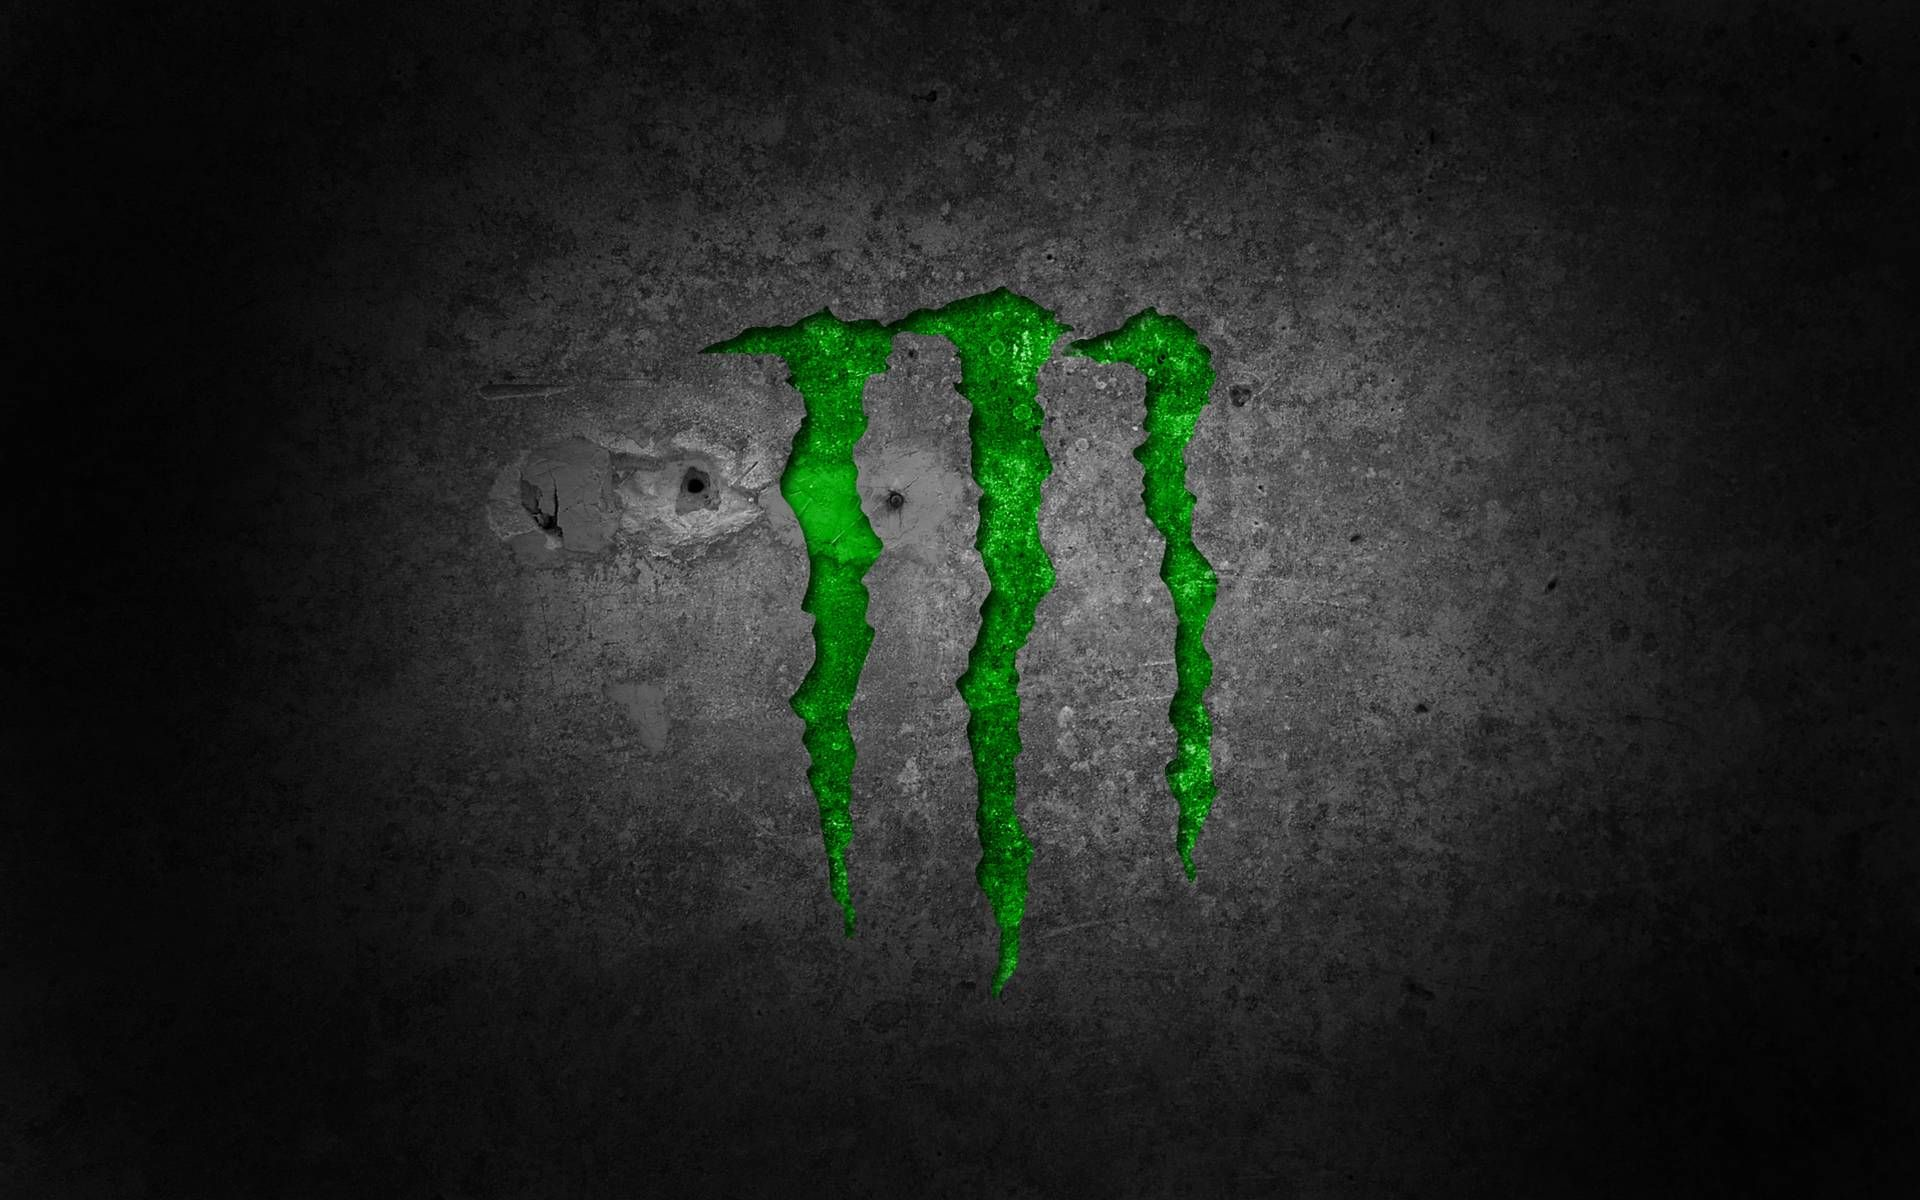 Download Monster Wallpaper Phone For Iphone Pc Desktop Android Or Mac Kraken Widescreen Monster Pictures Monster Energy Halloween Desktop Wallpaper